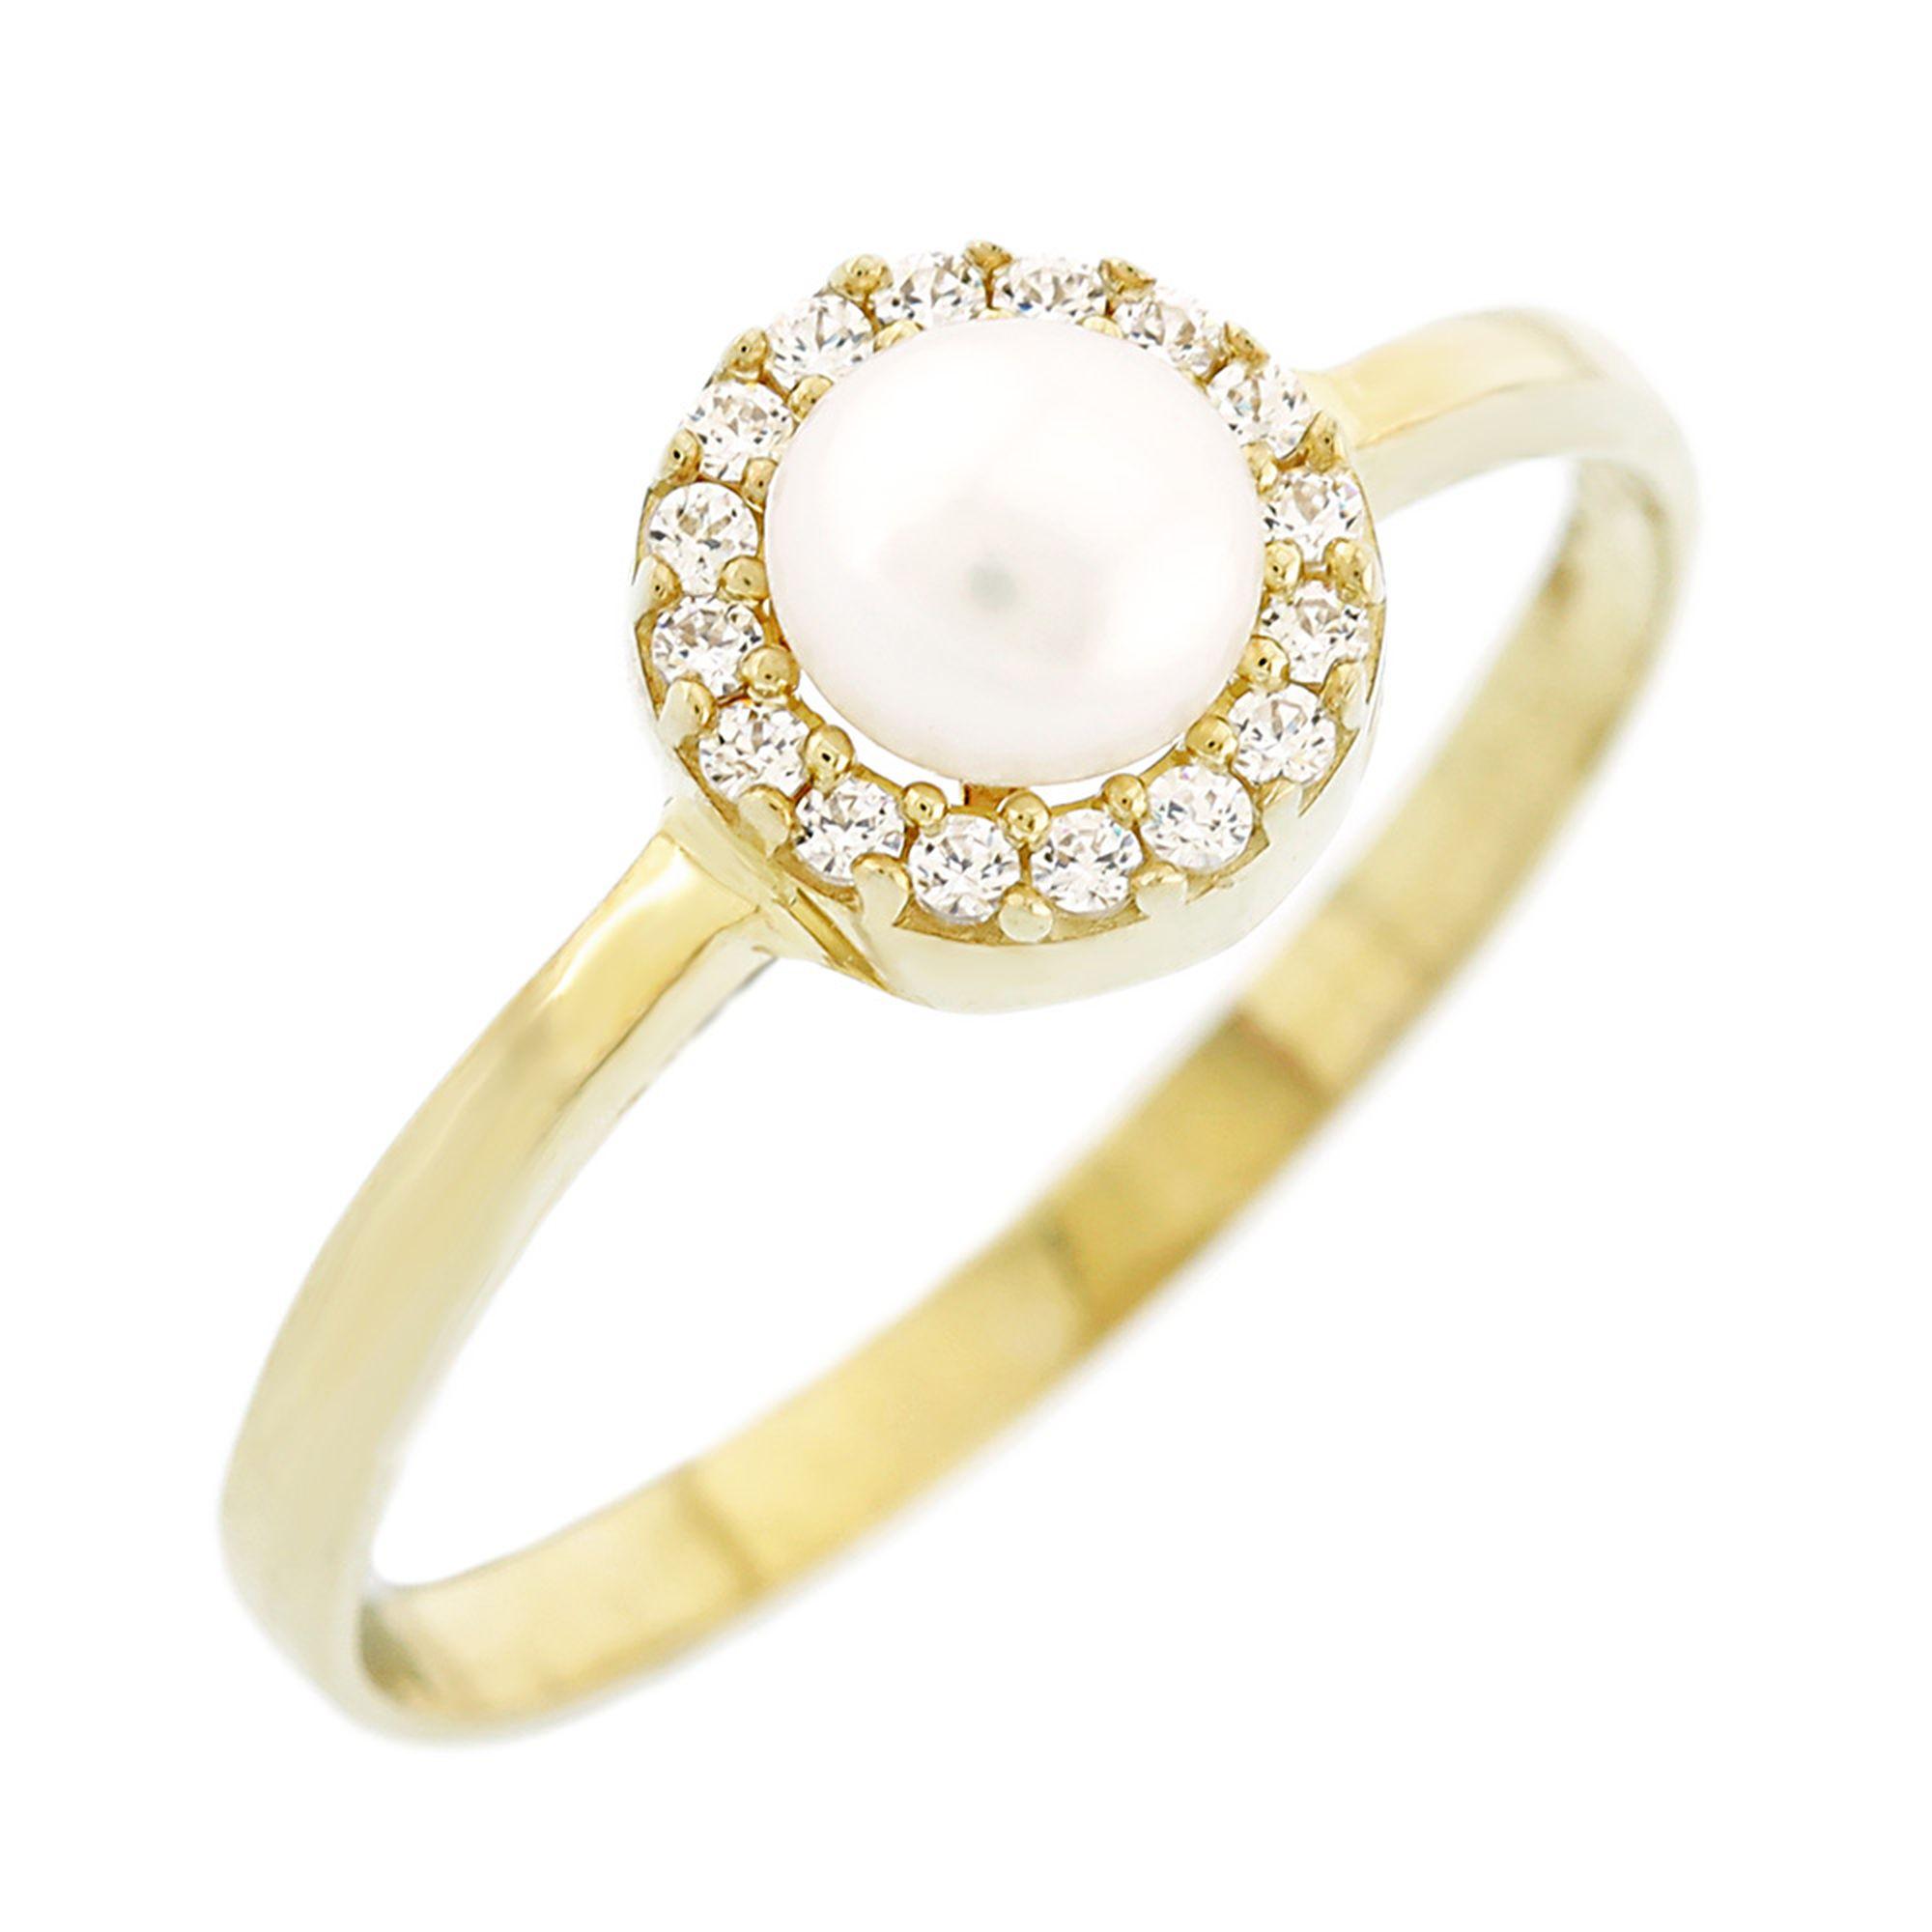 Δαχτυλίδι Ροζέτα με Μαργαριτάρι 9 Καράτια Κίτρινο